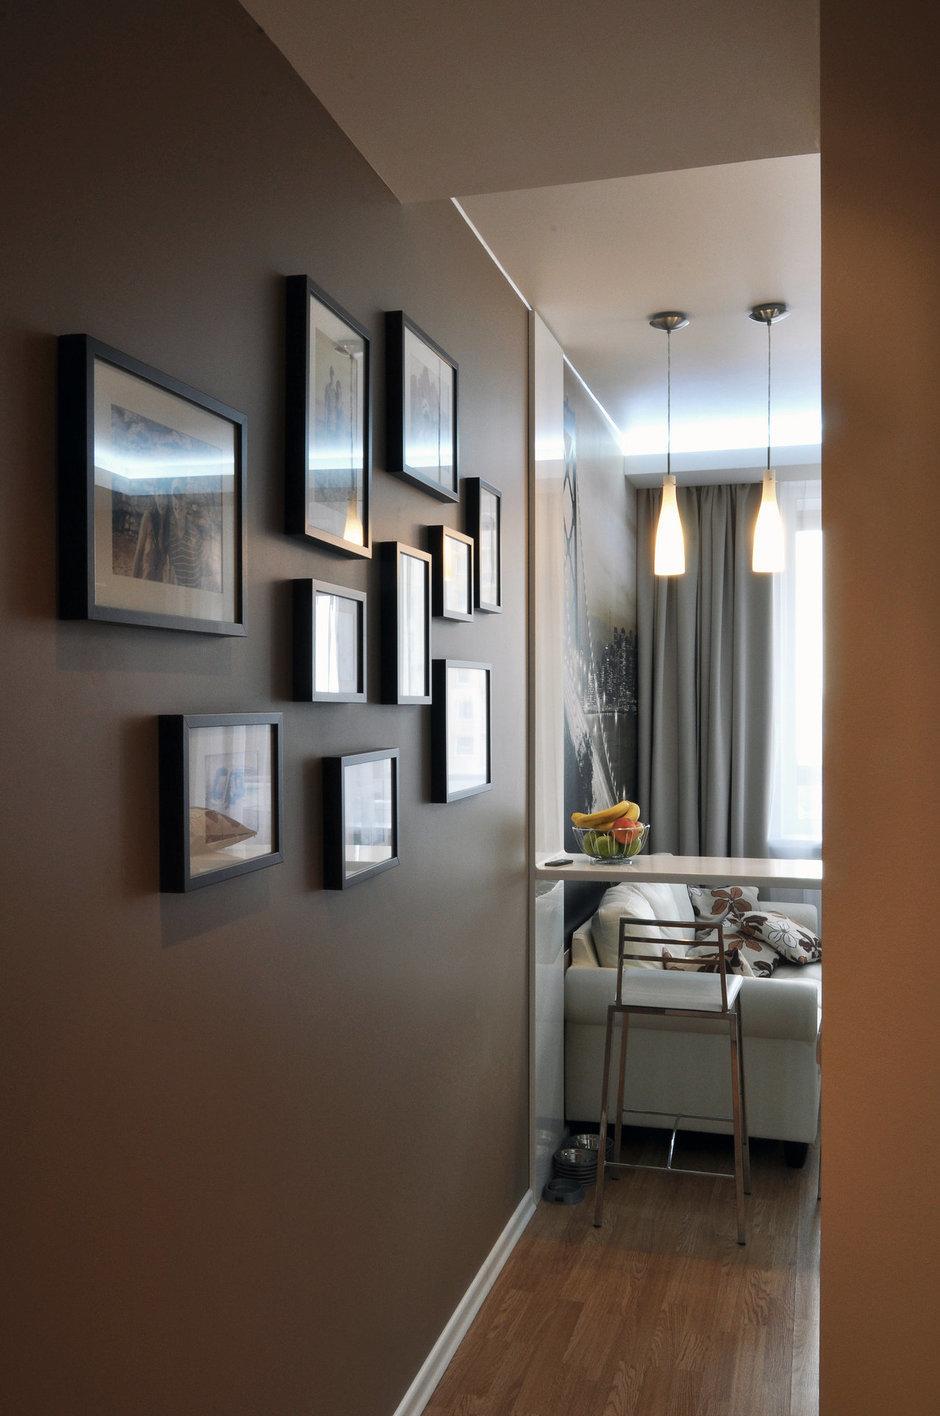 Фотография: Прихожая в стиле Современный, Малогабаритная квартира, Квартира, Цвет в интерьере, Дома и квартиры, Белый, Переделка – фото на InMyRoom.ru